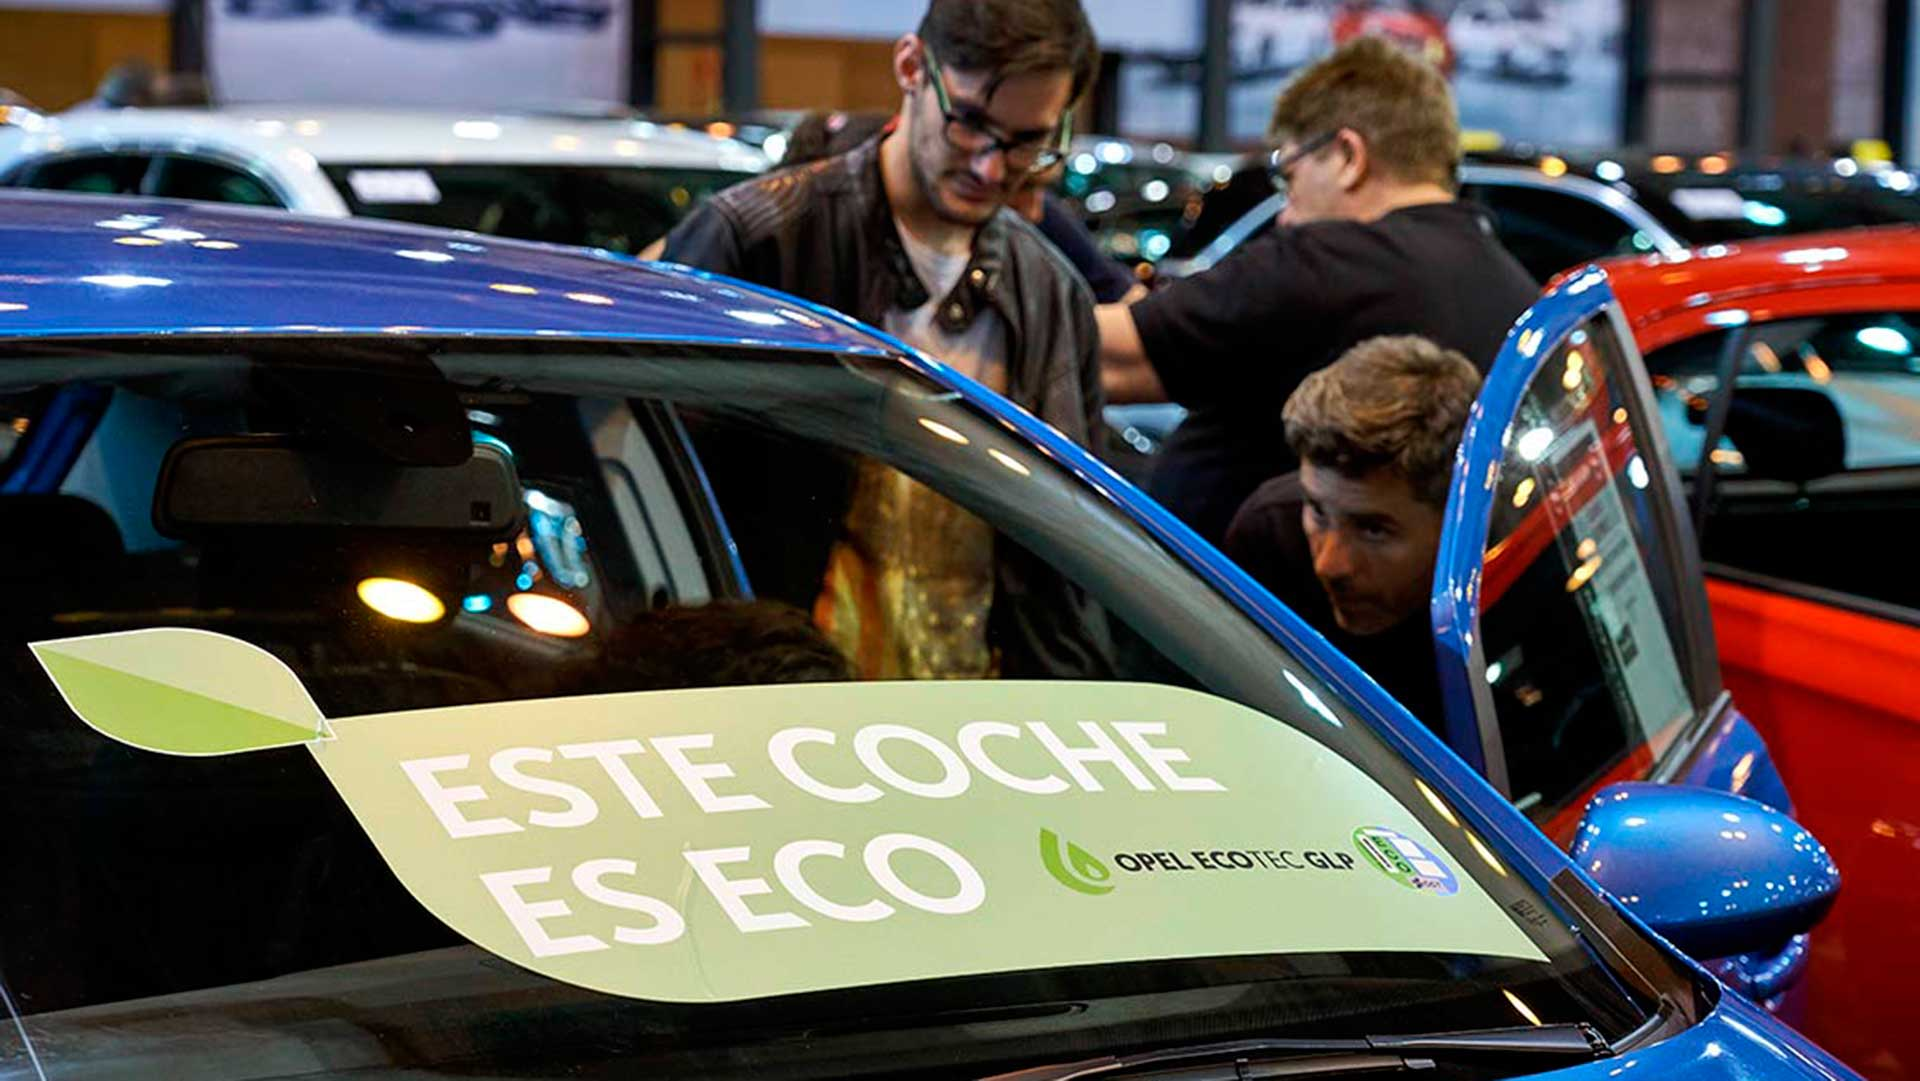 El 7% del parque automovilístico español será neutro en carbono en 2030